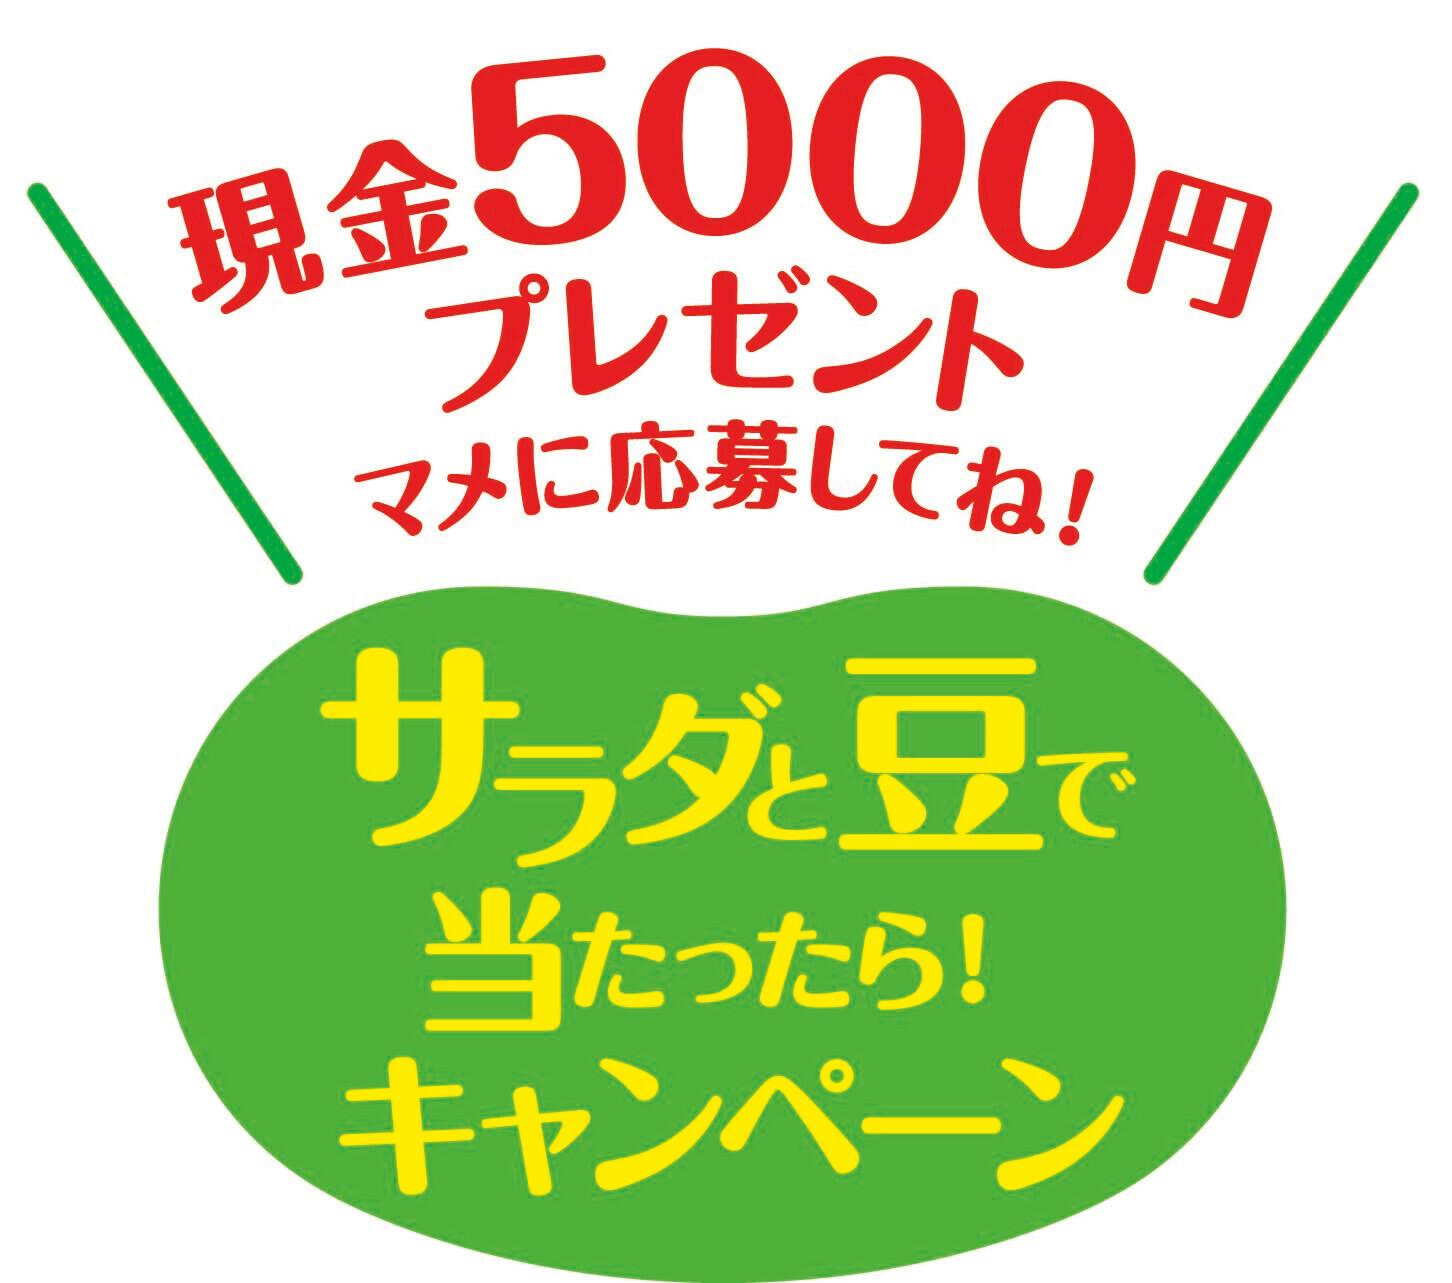 合計1,200名に現金5,000円もしくは500円分のクオカードが当たる!「サラダと豆で当たったら!... 画像